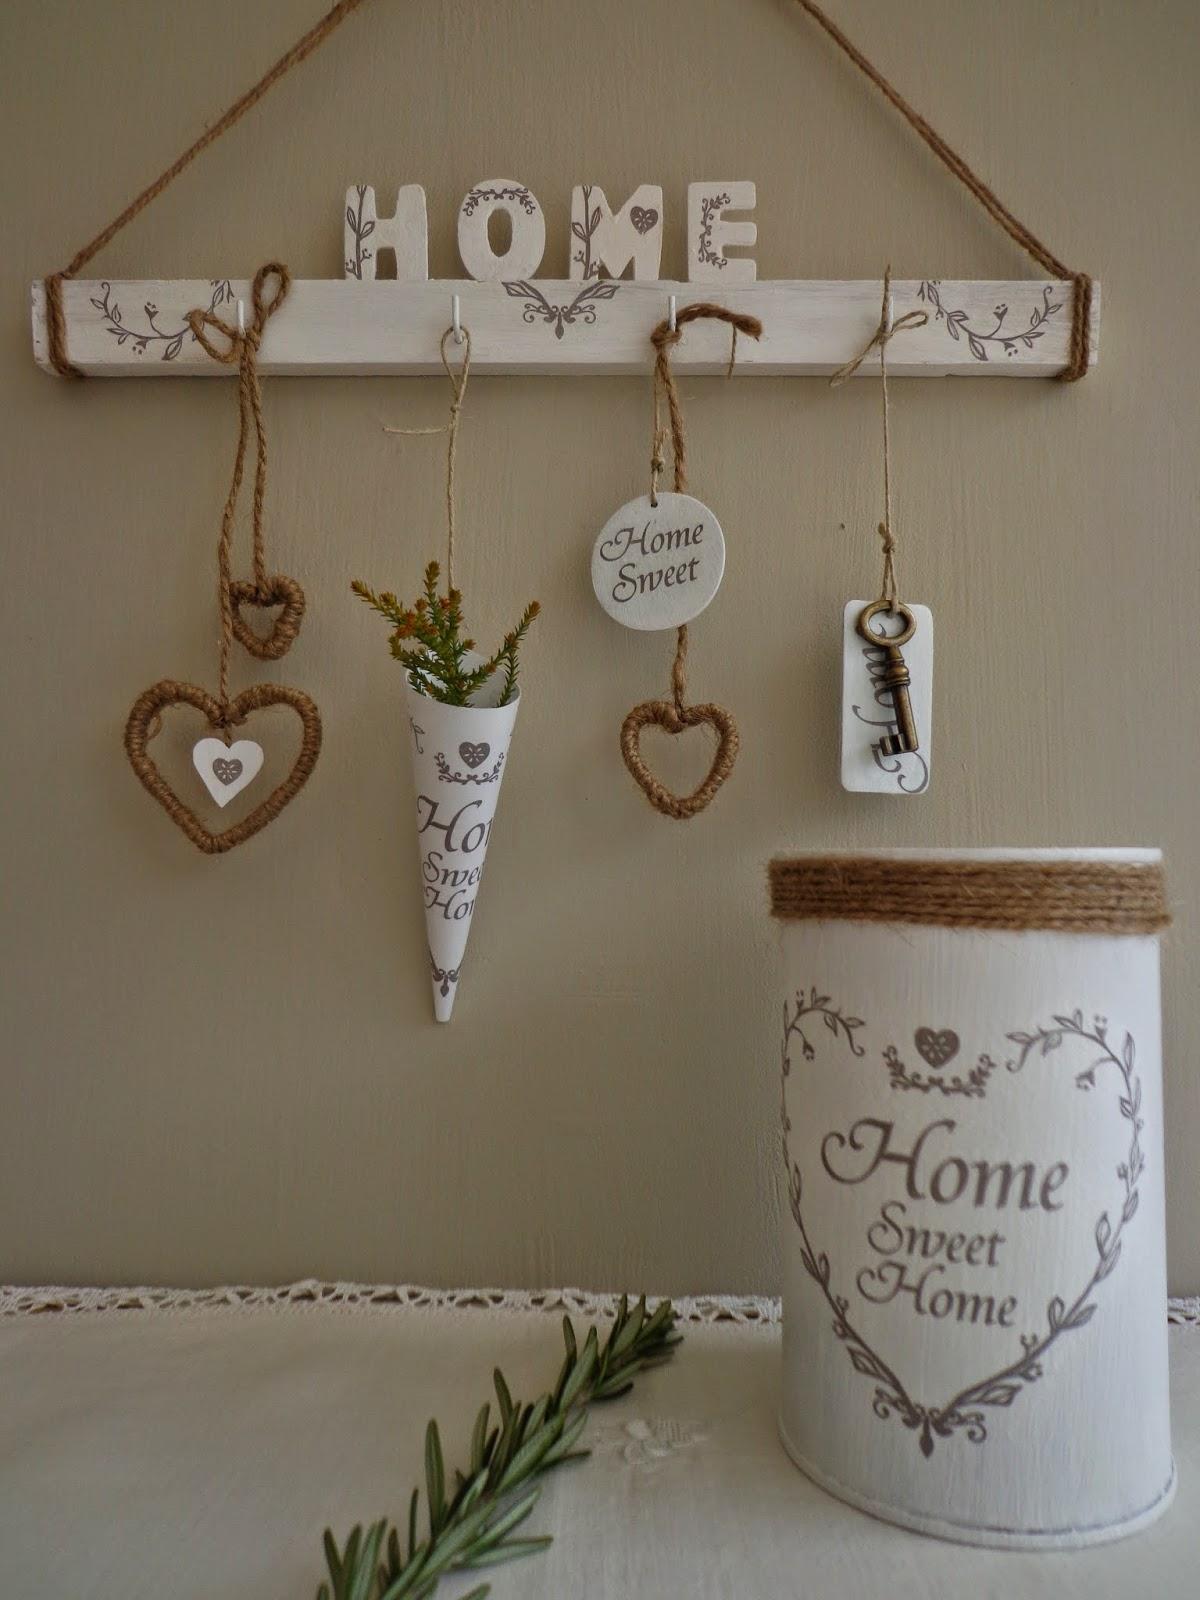 Home sweet home reciclado entre anhelos y caprichos - Perchas de pared de diseno ...